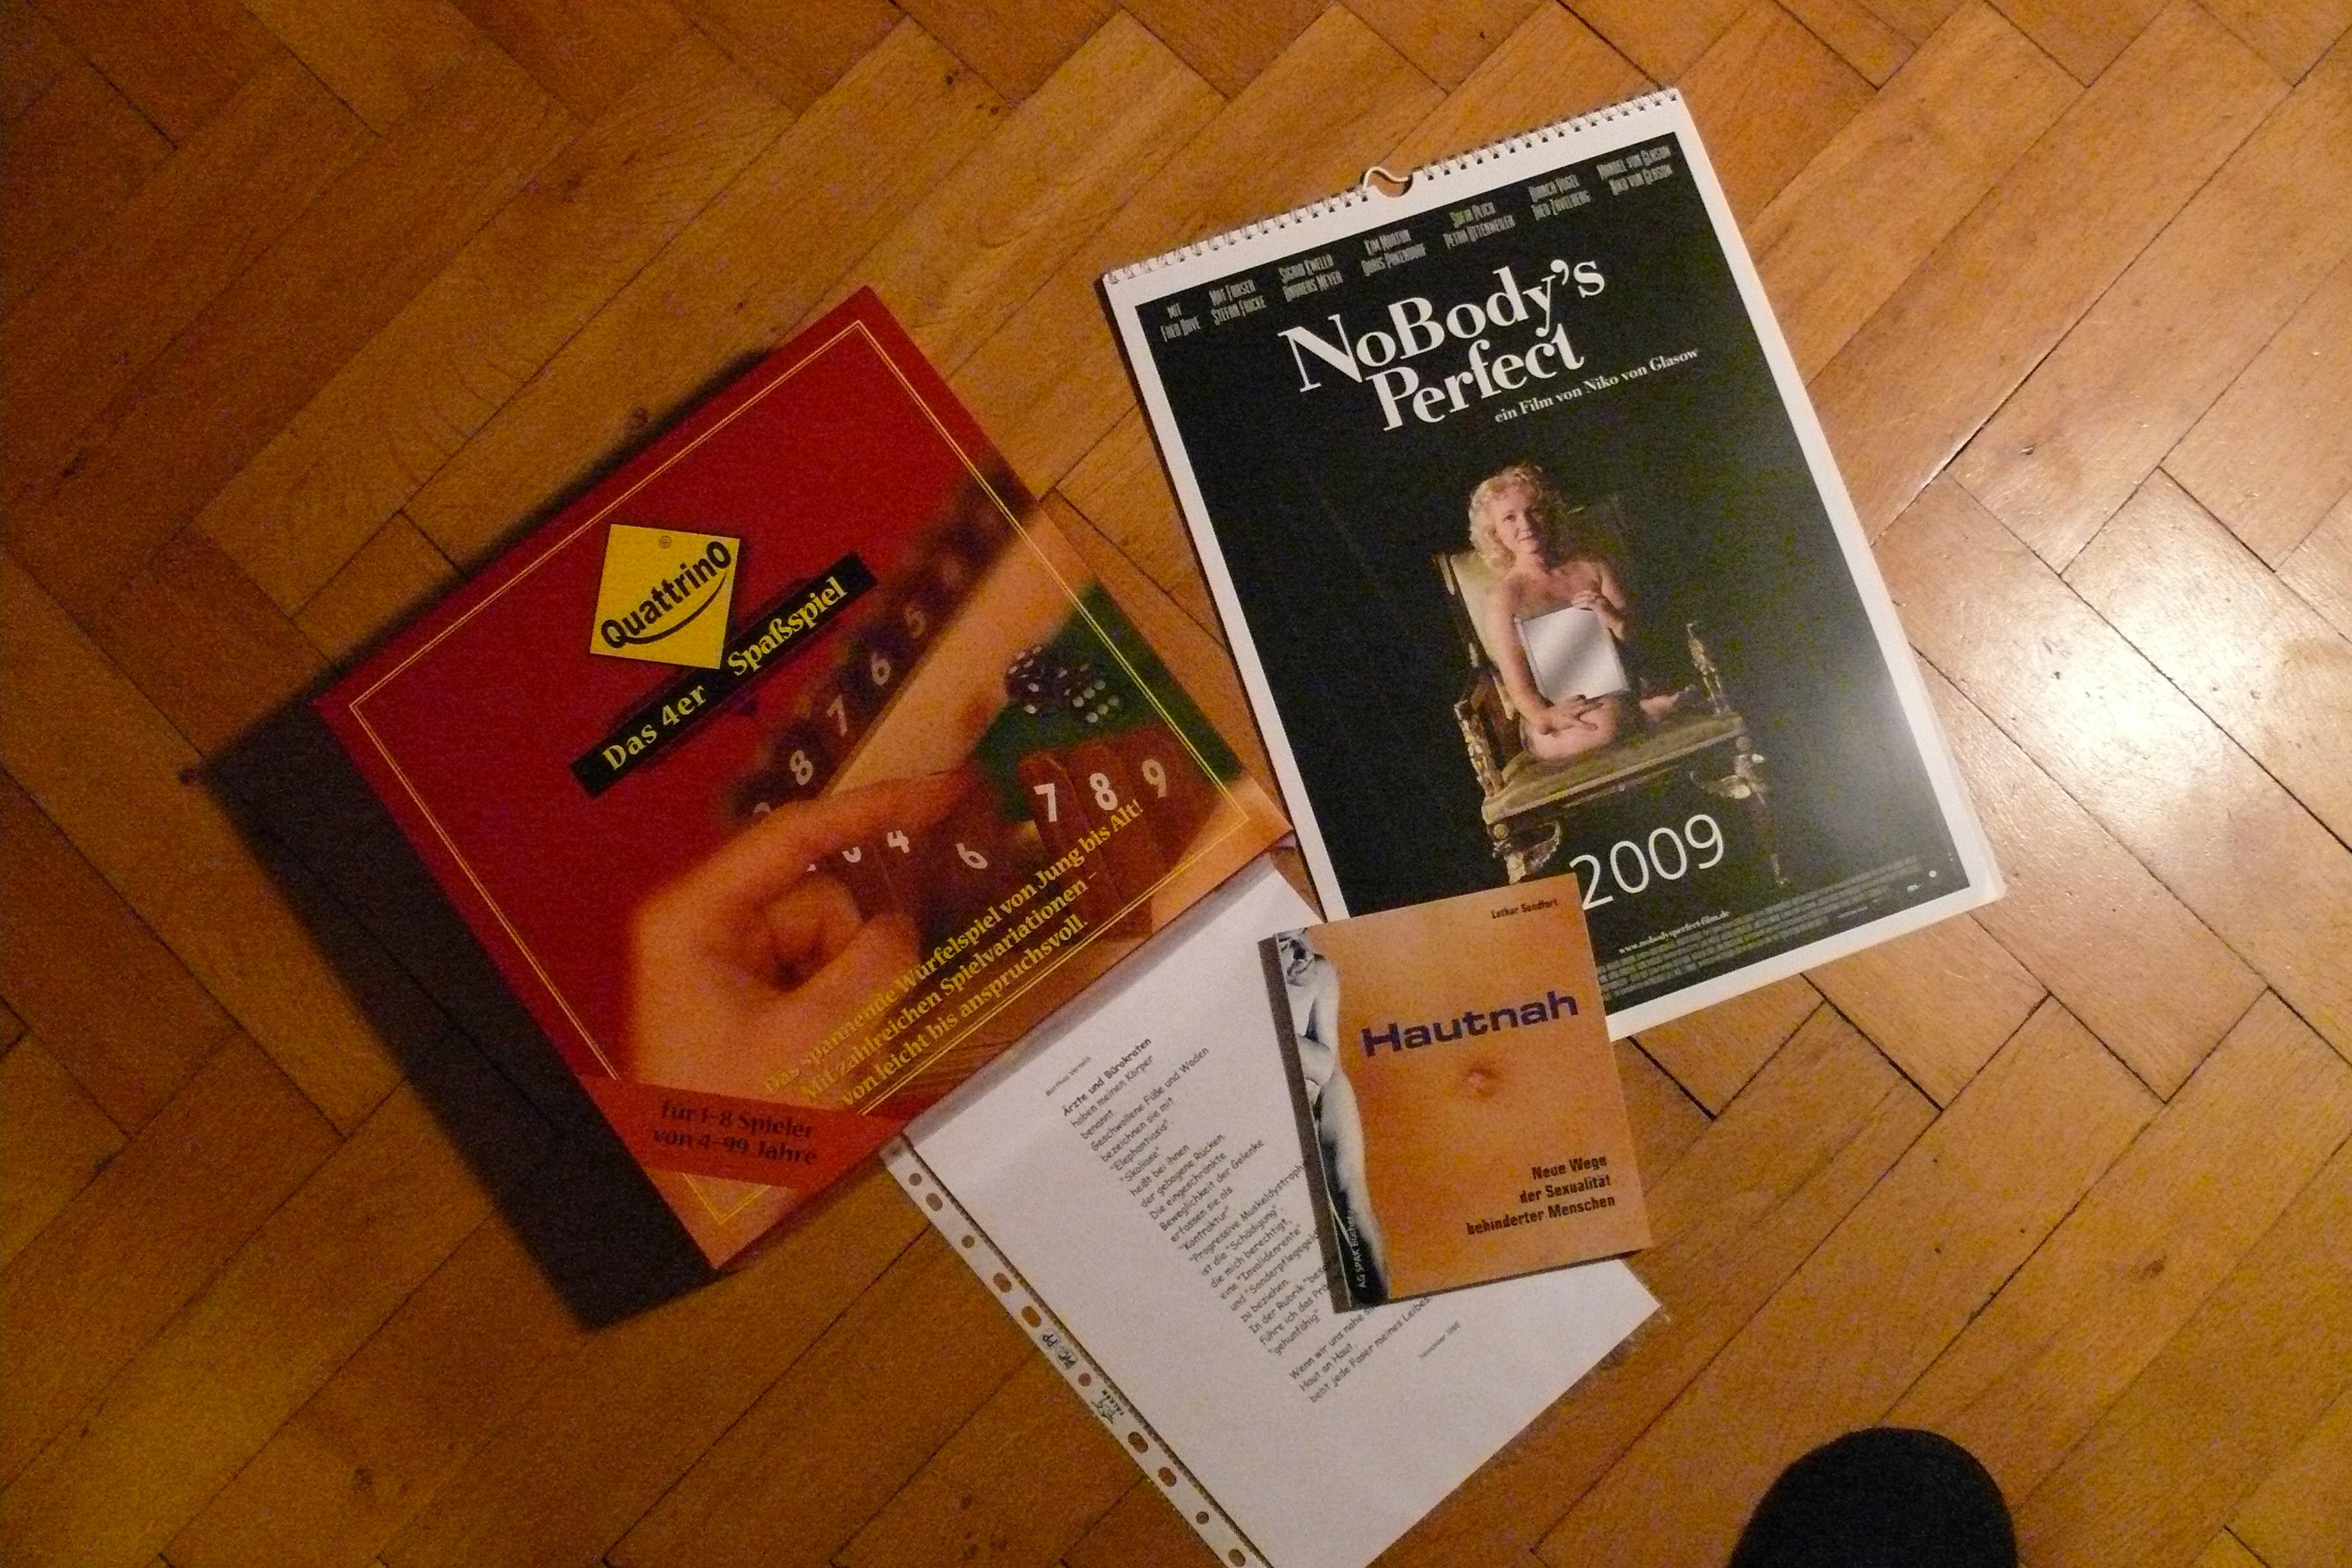 Spiel Quattrino, Buch zum Film NoBody's Perfect und Gedicht von Matthias Vernaldi